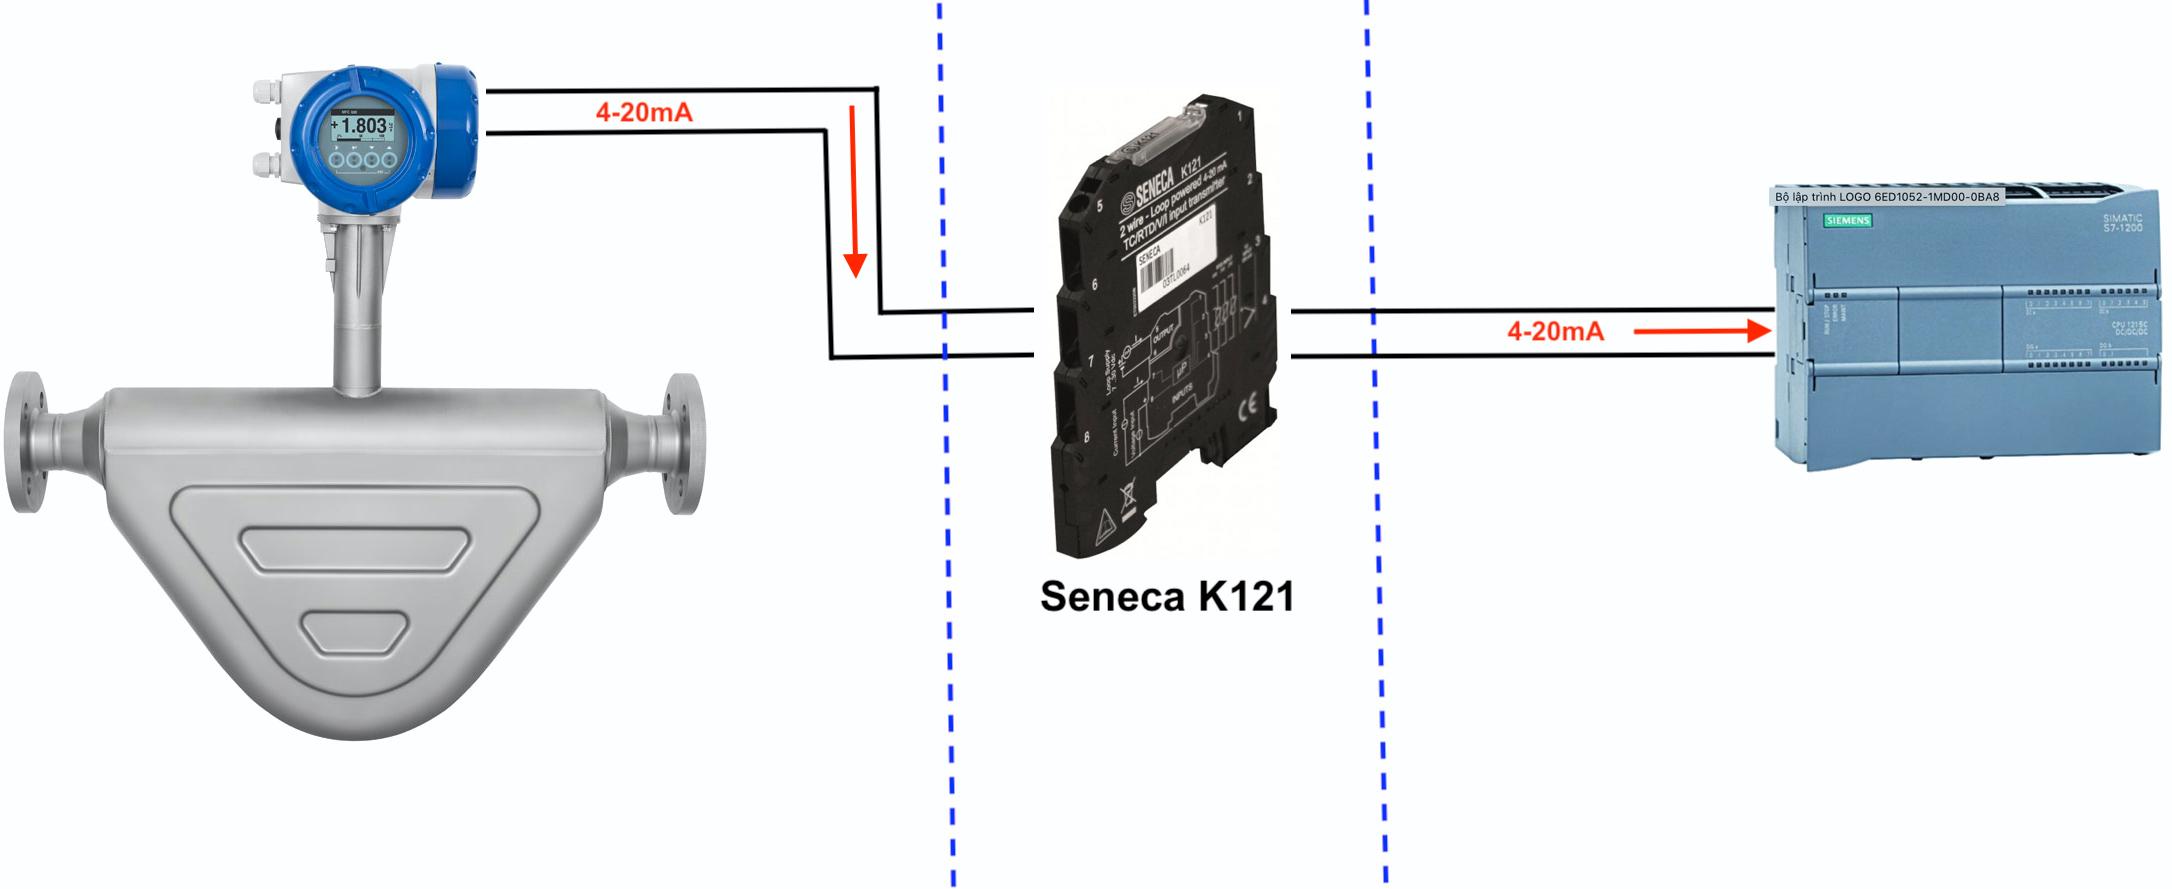 ứng dụng bộ cách ly tín hiệu 4-20mA K121